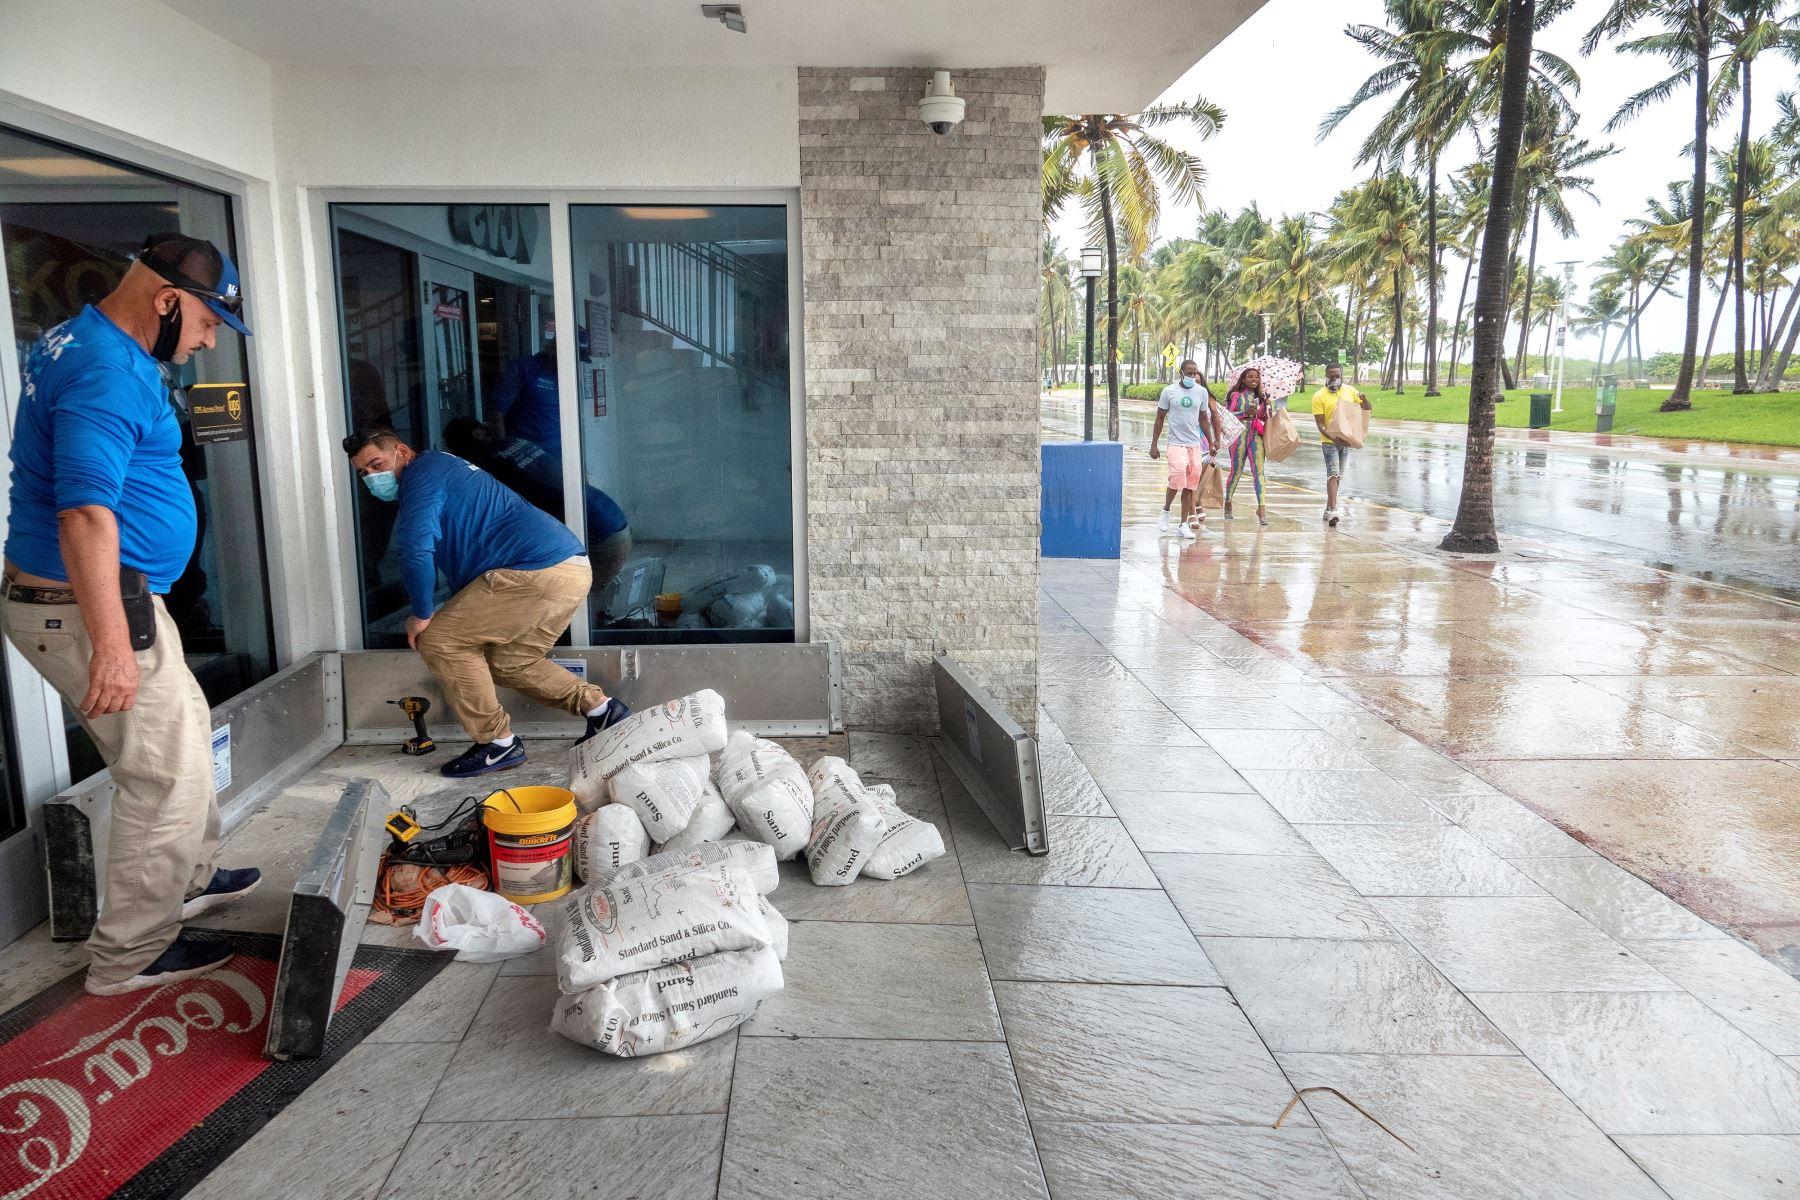 Trabajadores instalan paneles y bolsas de arena como contención en la entrada de una farmacia en Miami Beach, Florida; ante el paso del Huracán Isaías. Foto: EFE